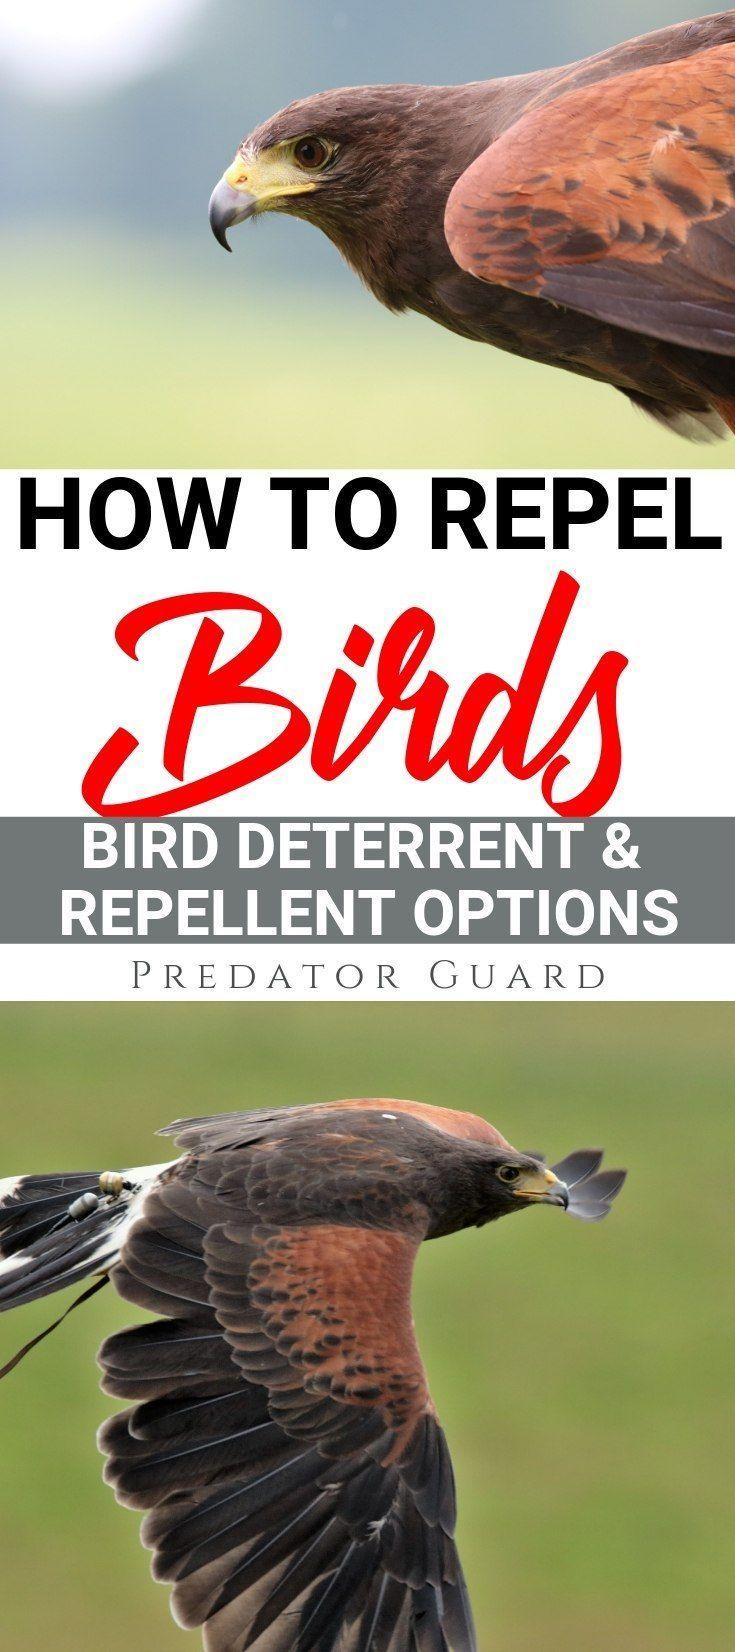 How To Repel Birds - Bird Deterrent & Repellent Options